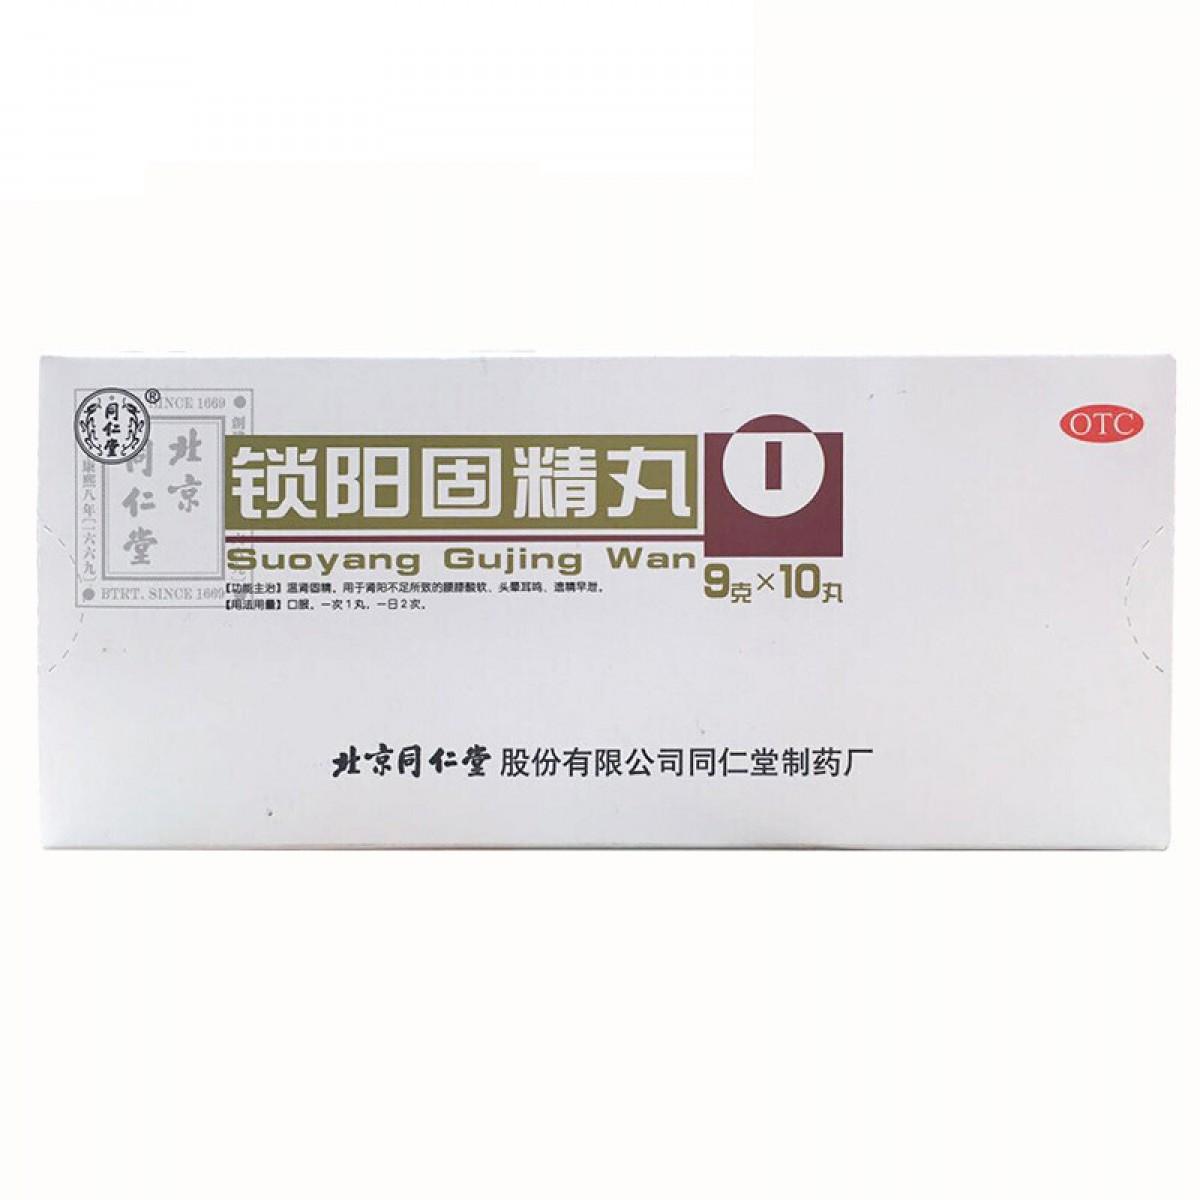 同仁堂 锁阳固精丸 9g*10丸/盒